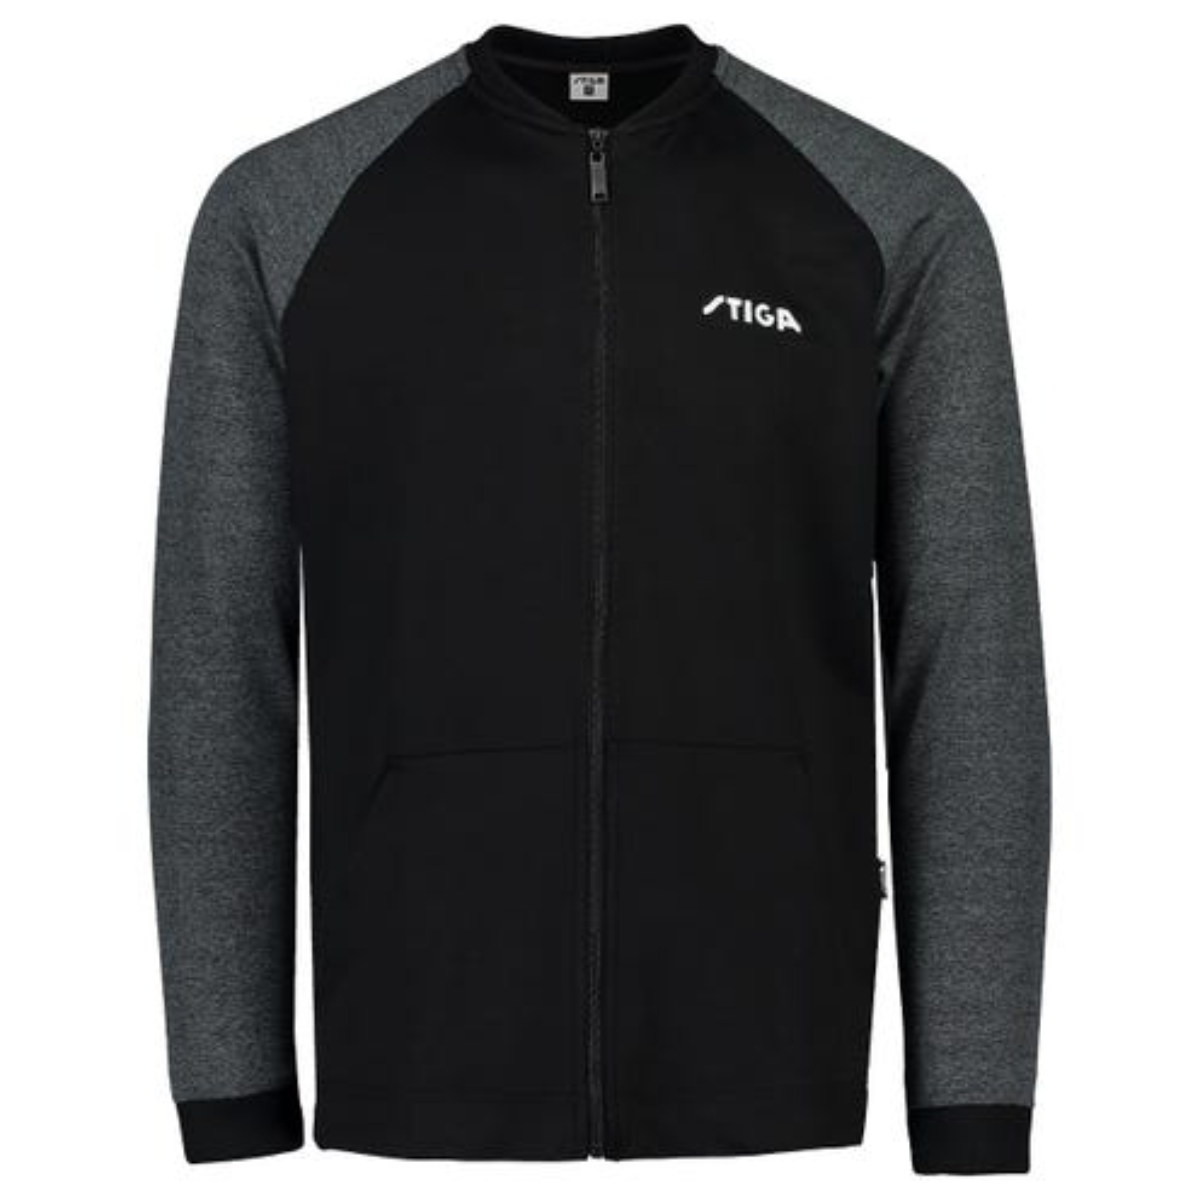 Stiga Member Black/Grey